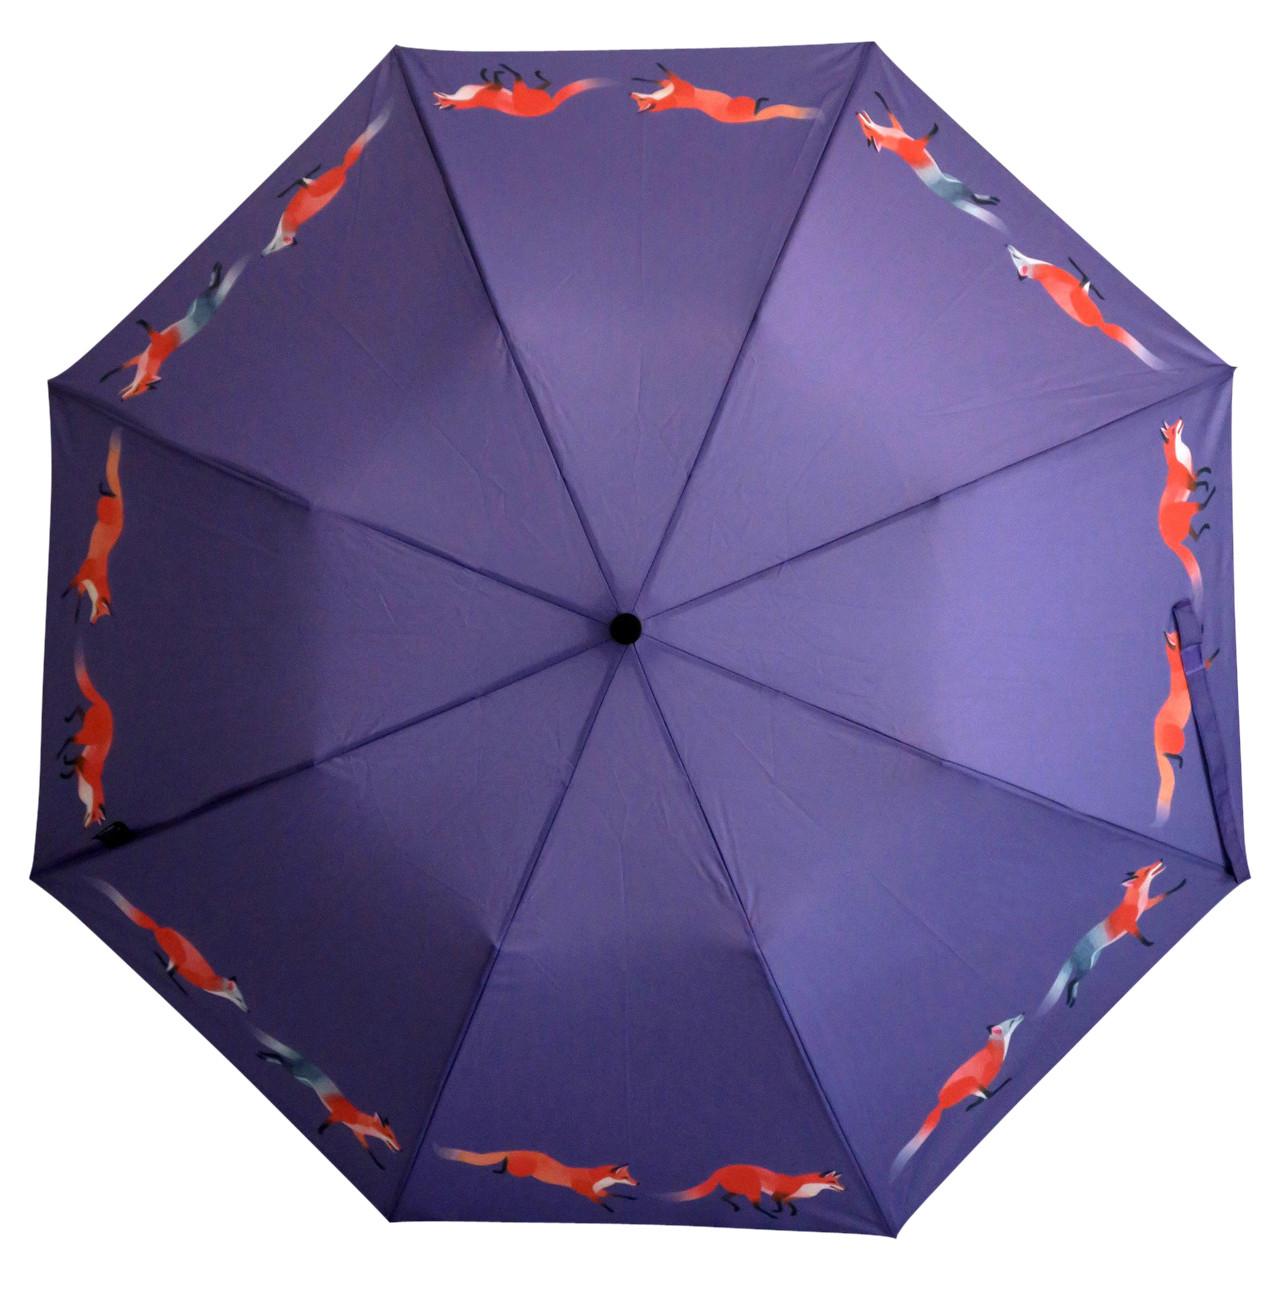 (tutte le foto via pluvioumbrella.com)